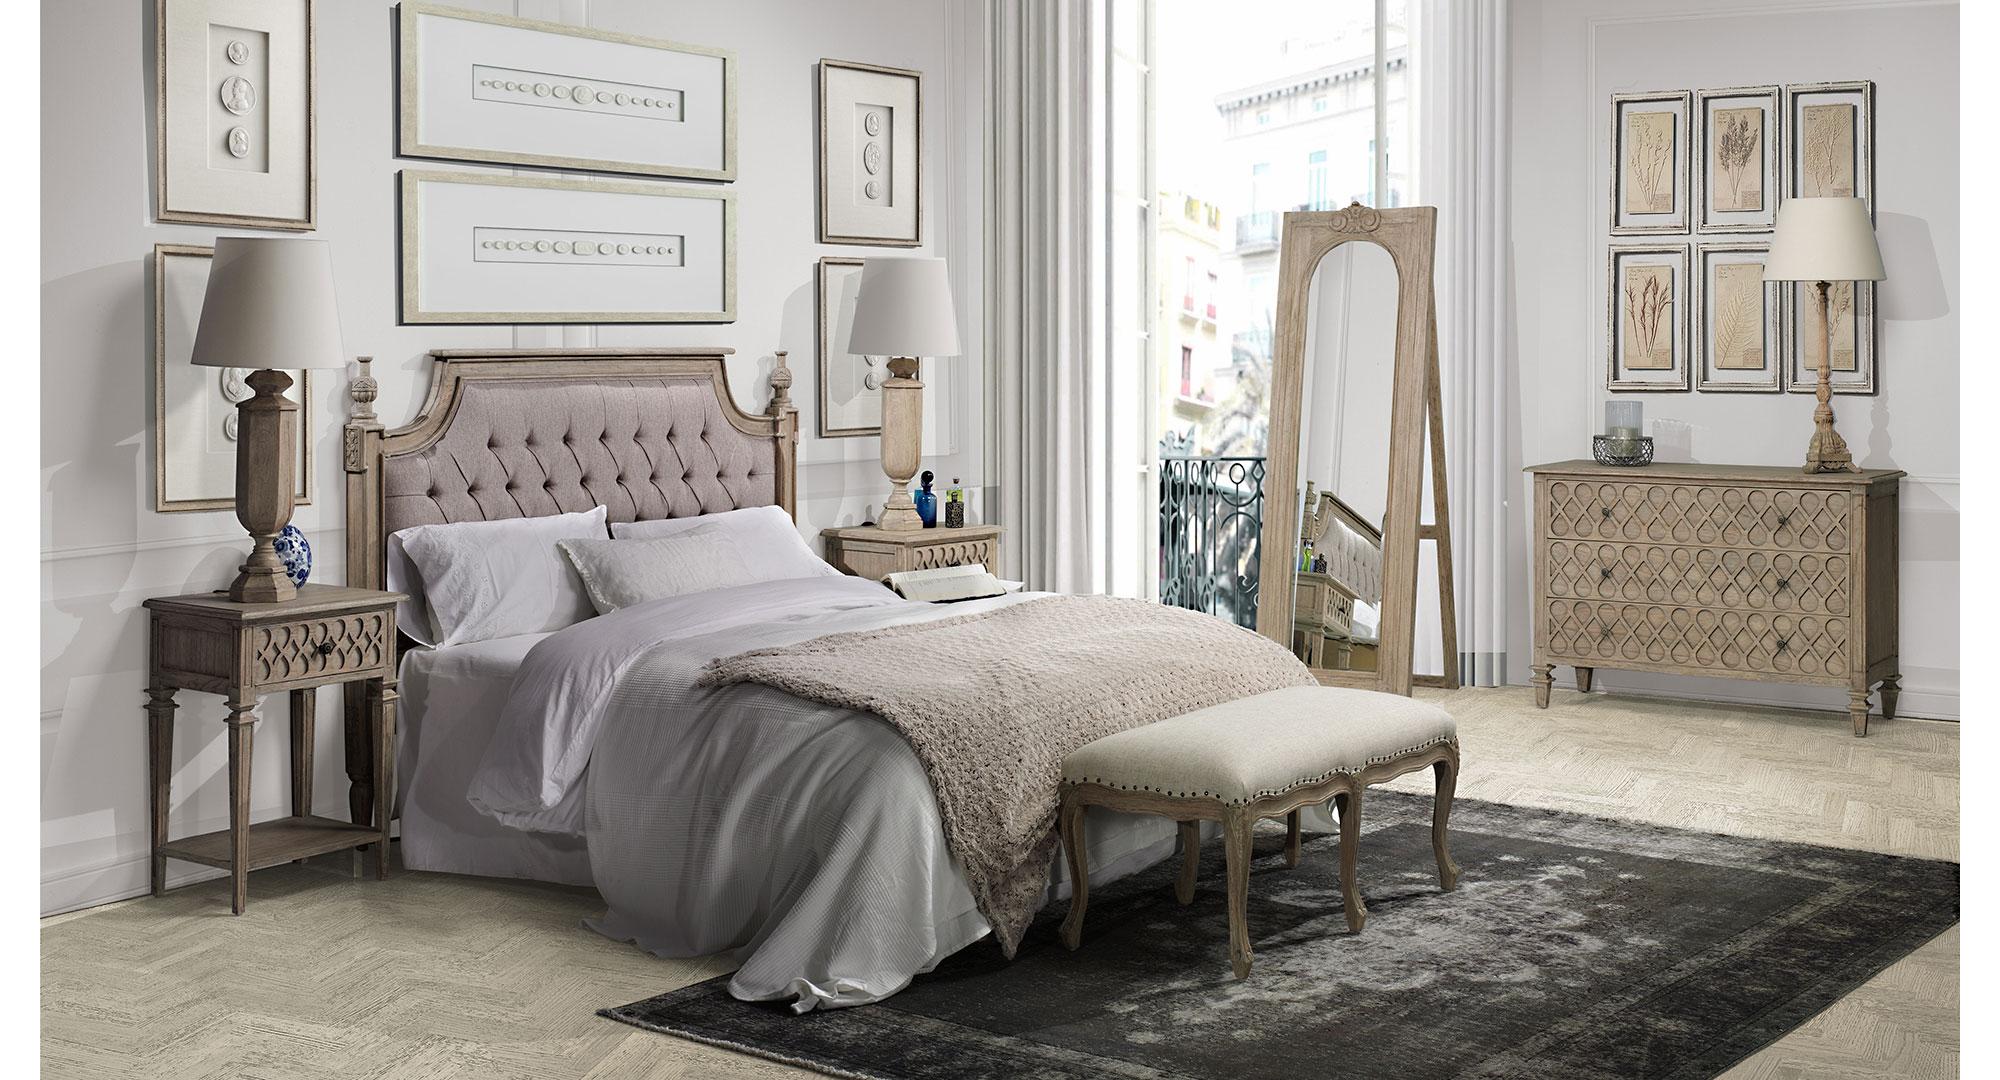 dormitorio vintage artisan iii en On muebles juveniles vintage